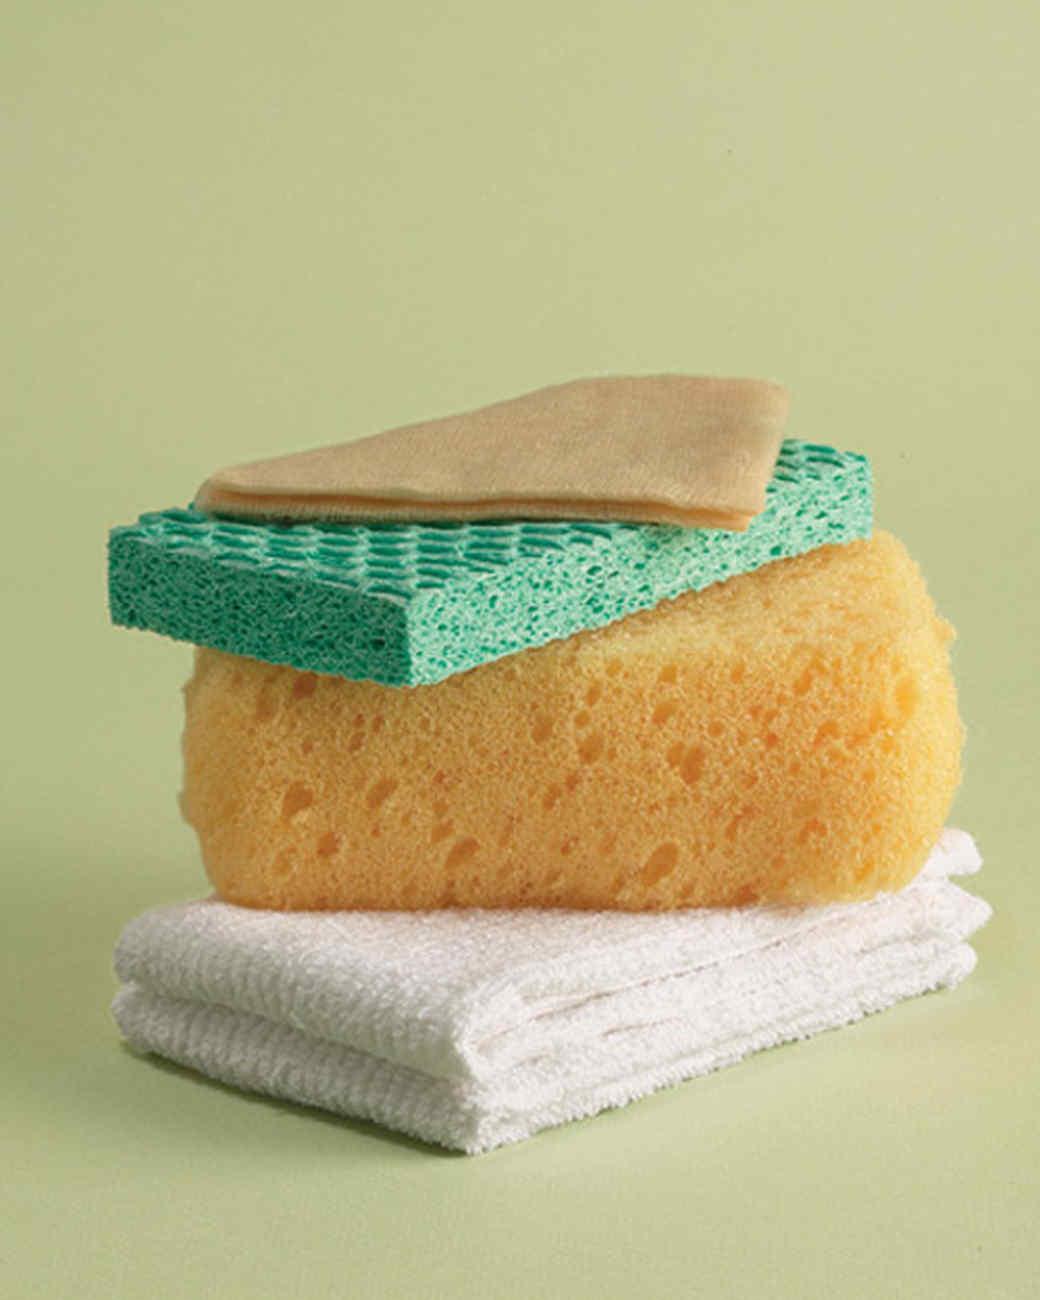 mld101493_0905_sponges.jpg